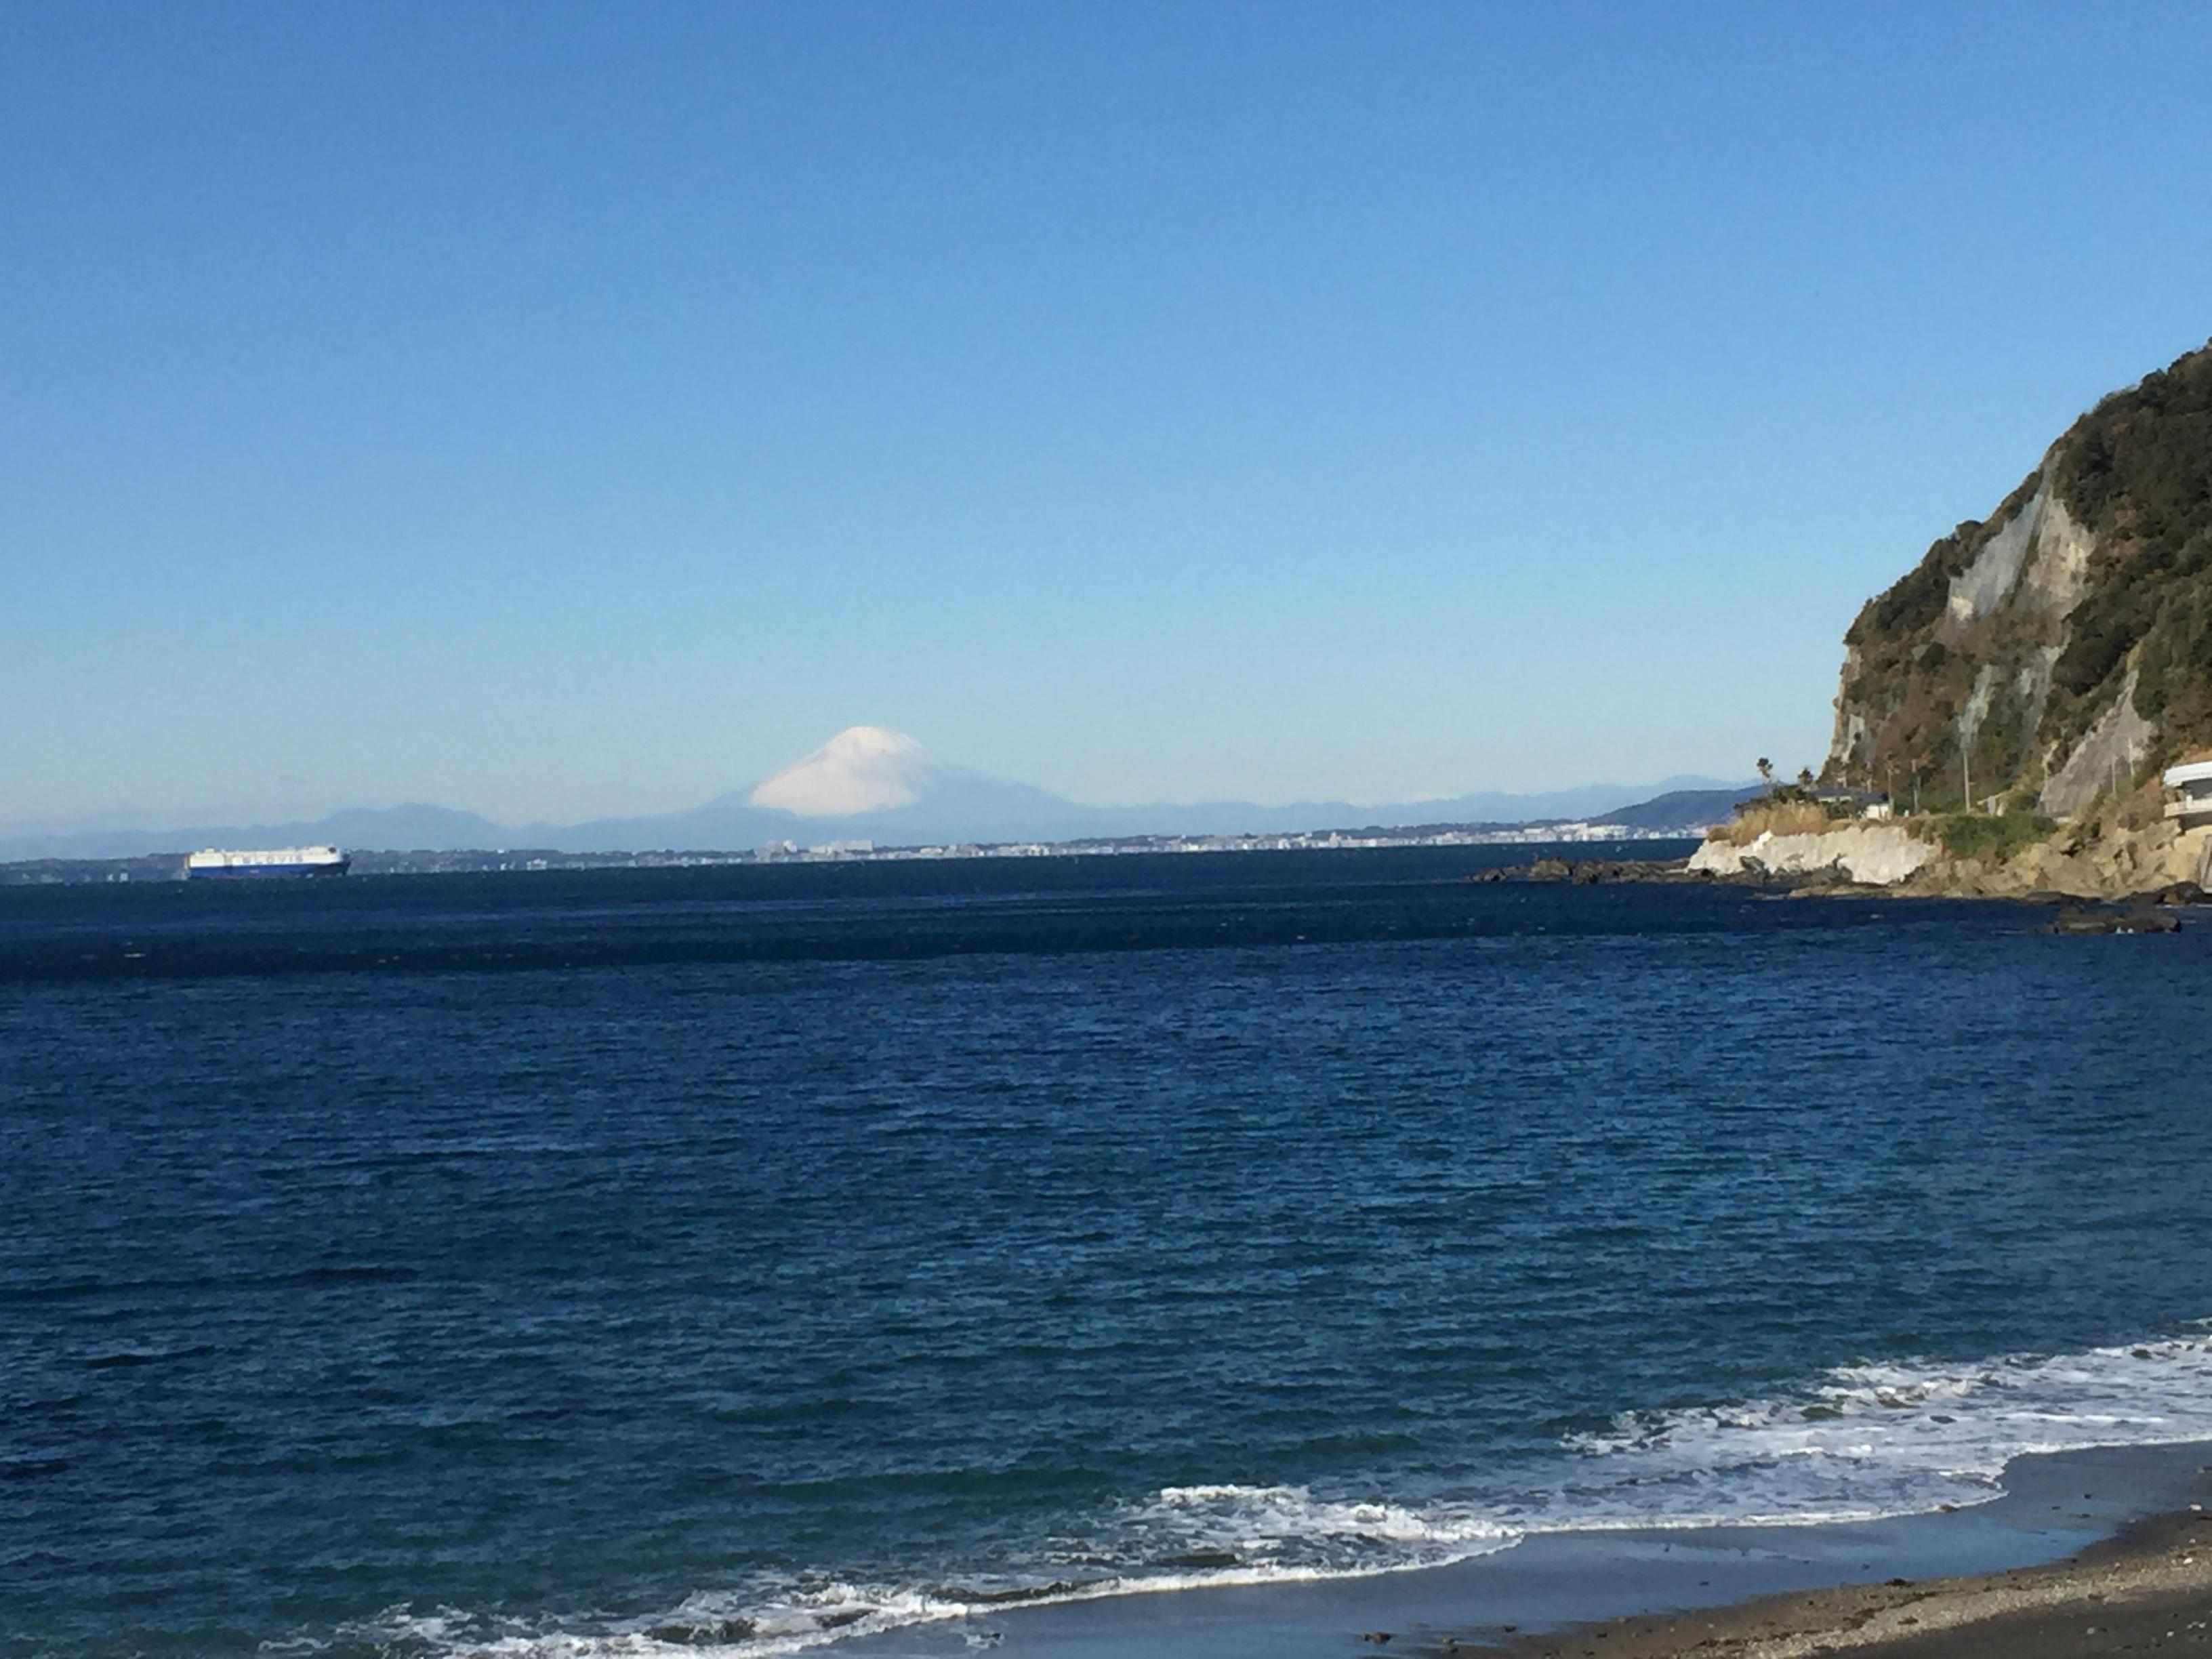 対岸に見える富士山